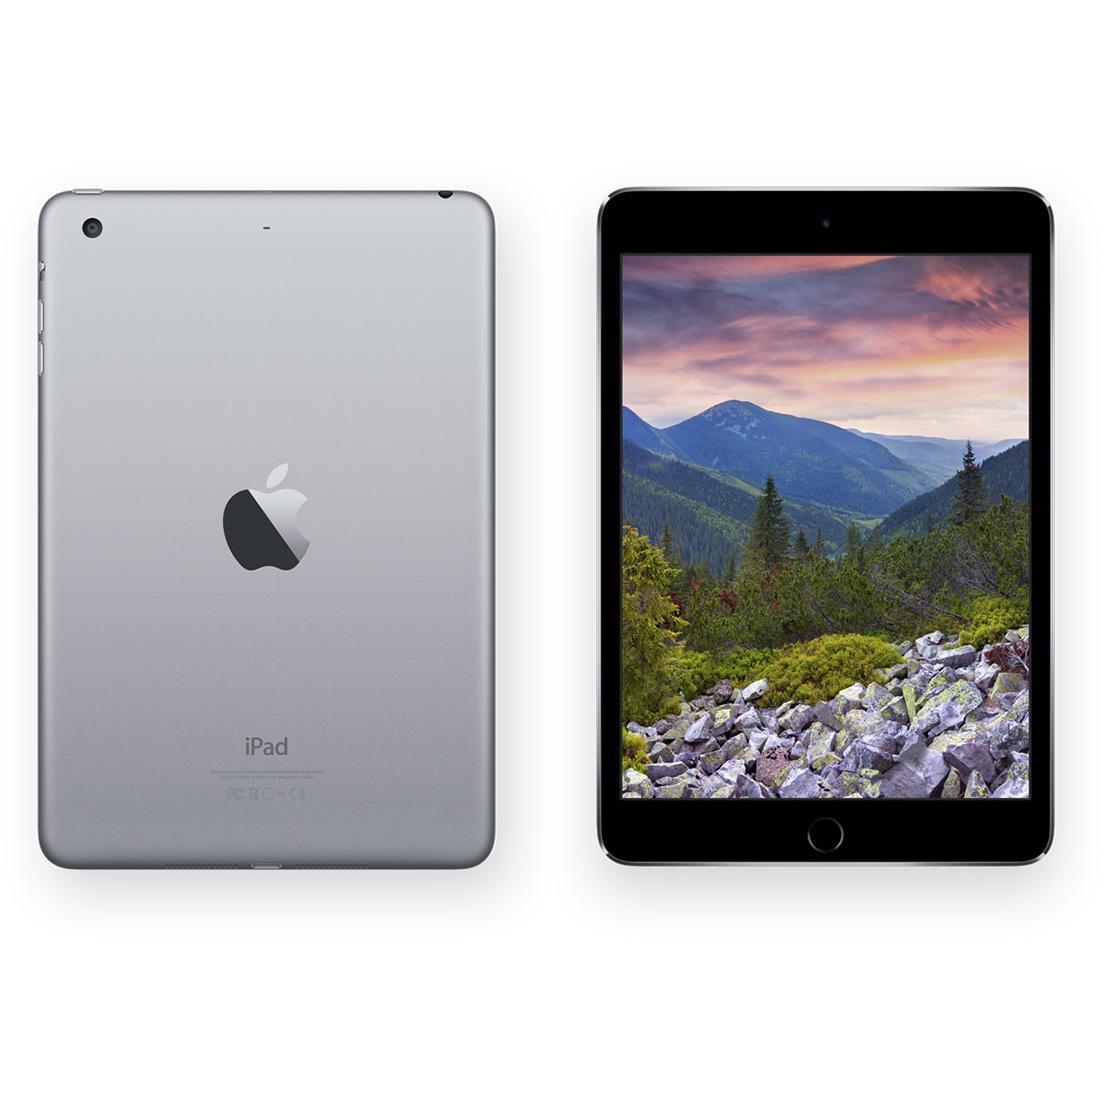 iPad Mini 3 64 GB - Wifi + 4G - Gris espacial - Libre